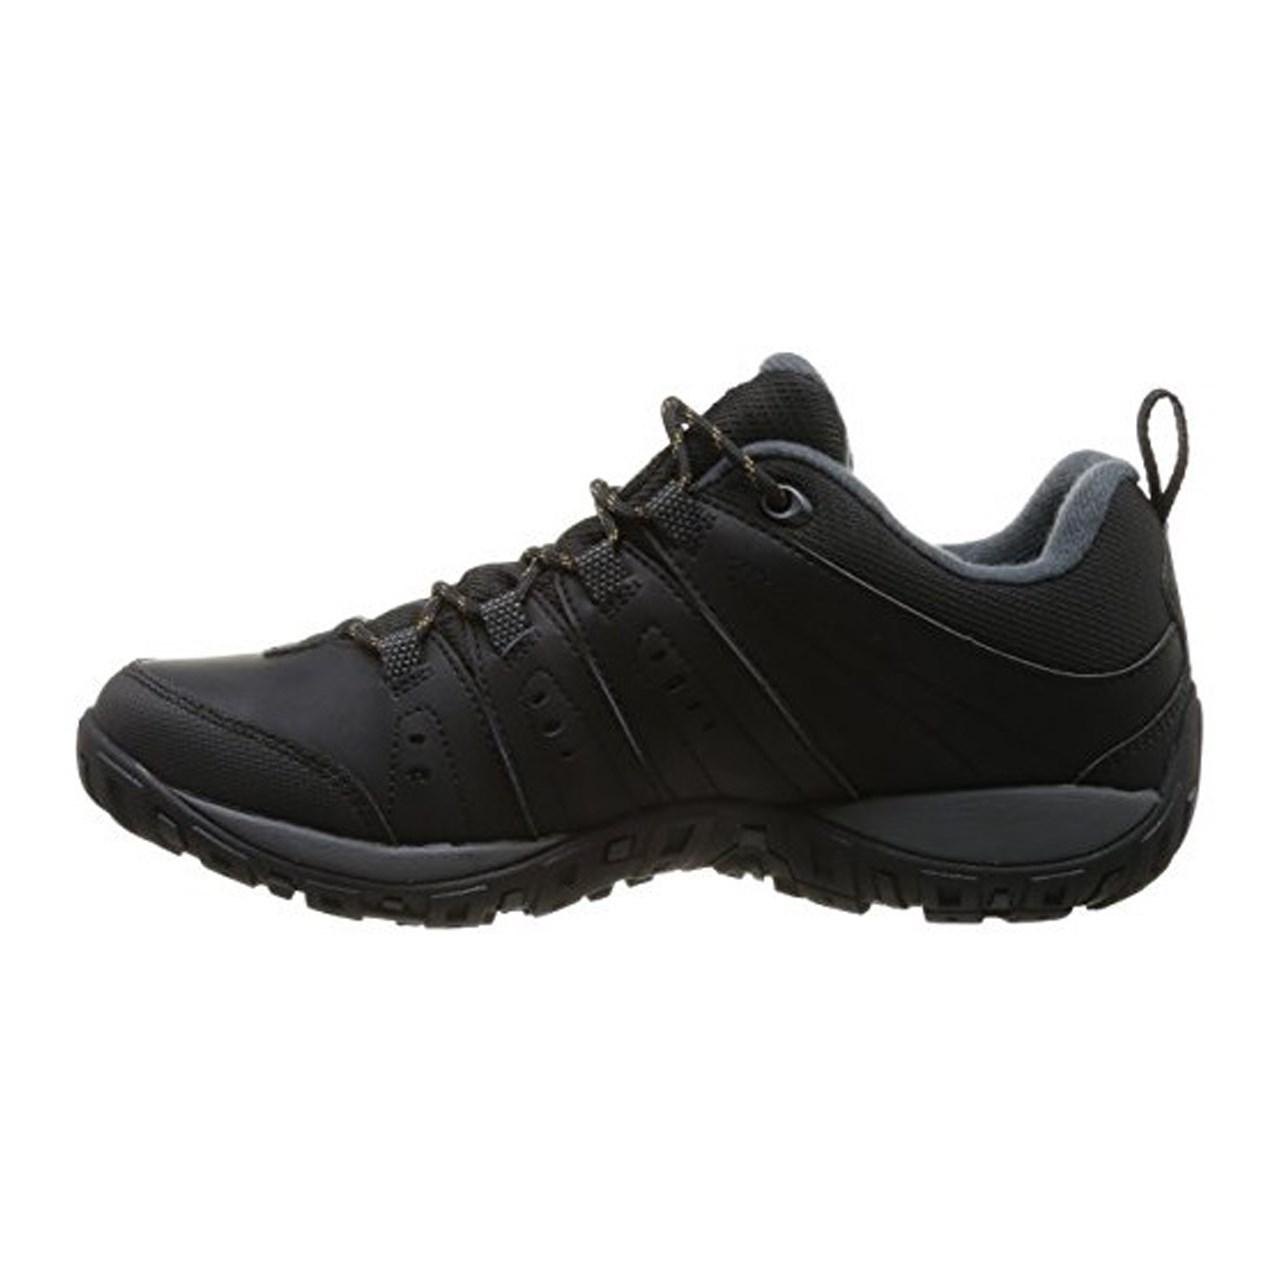 قیمت کفش مخصوص دویدن مردانه کلمبیا مدل BM 3924-010